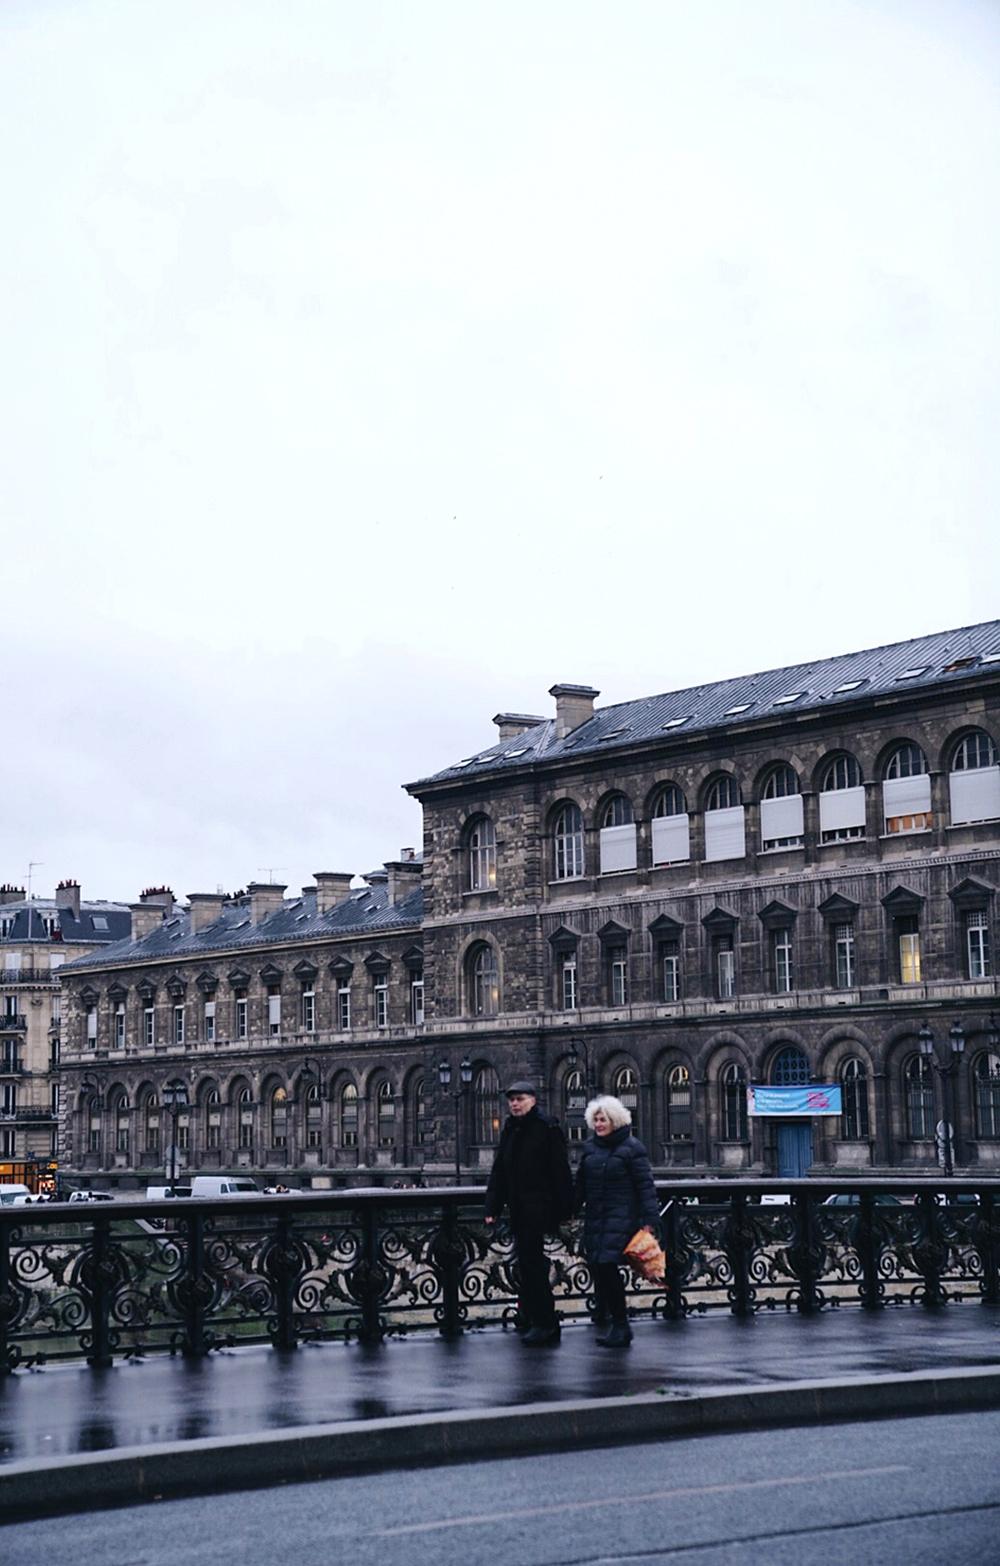 I wanna grow old like Parisian